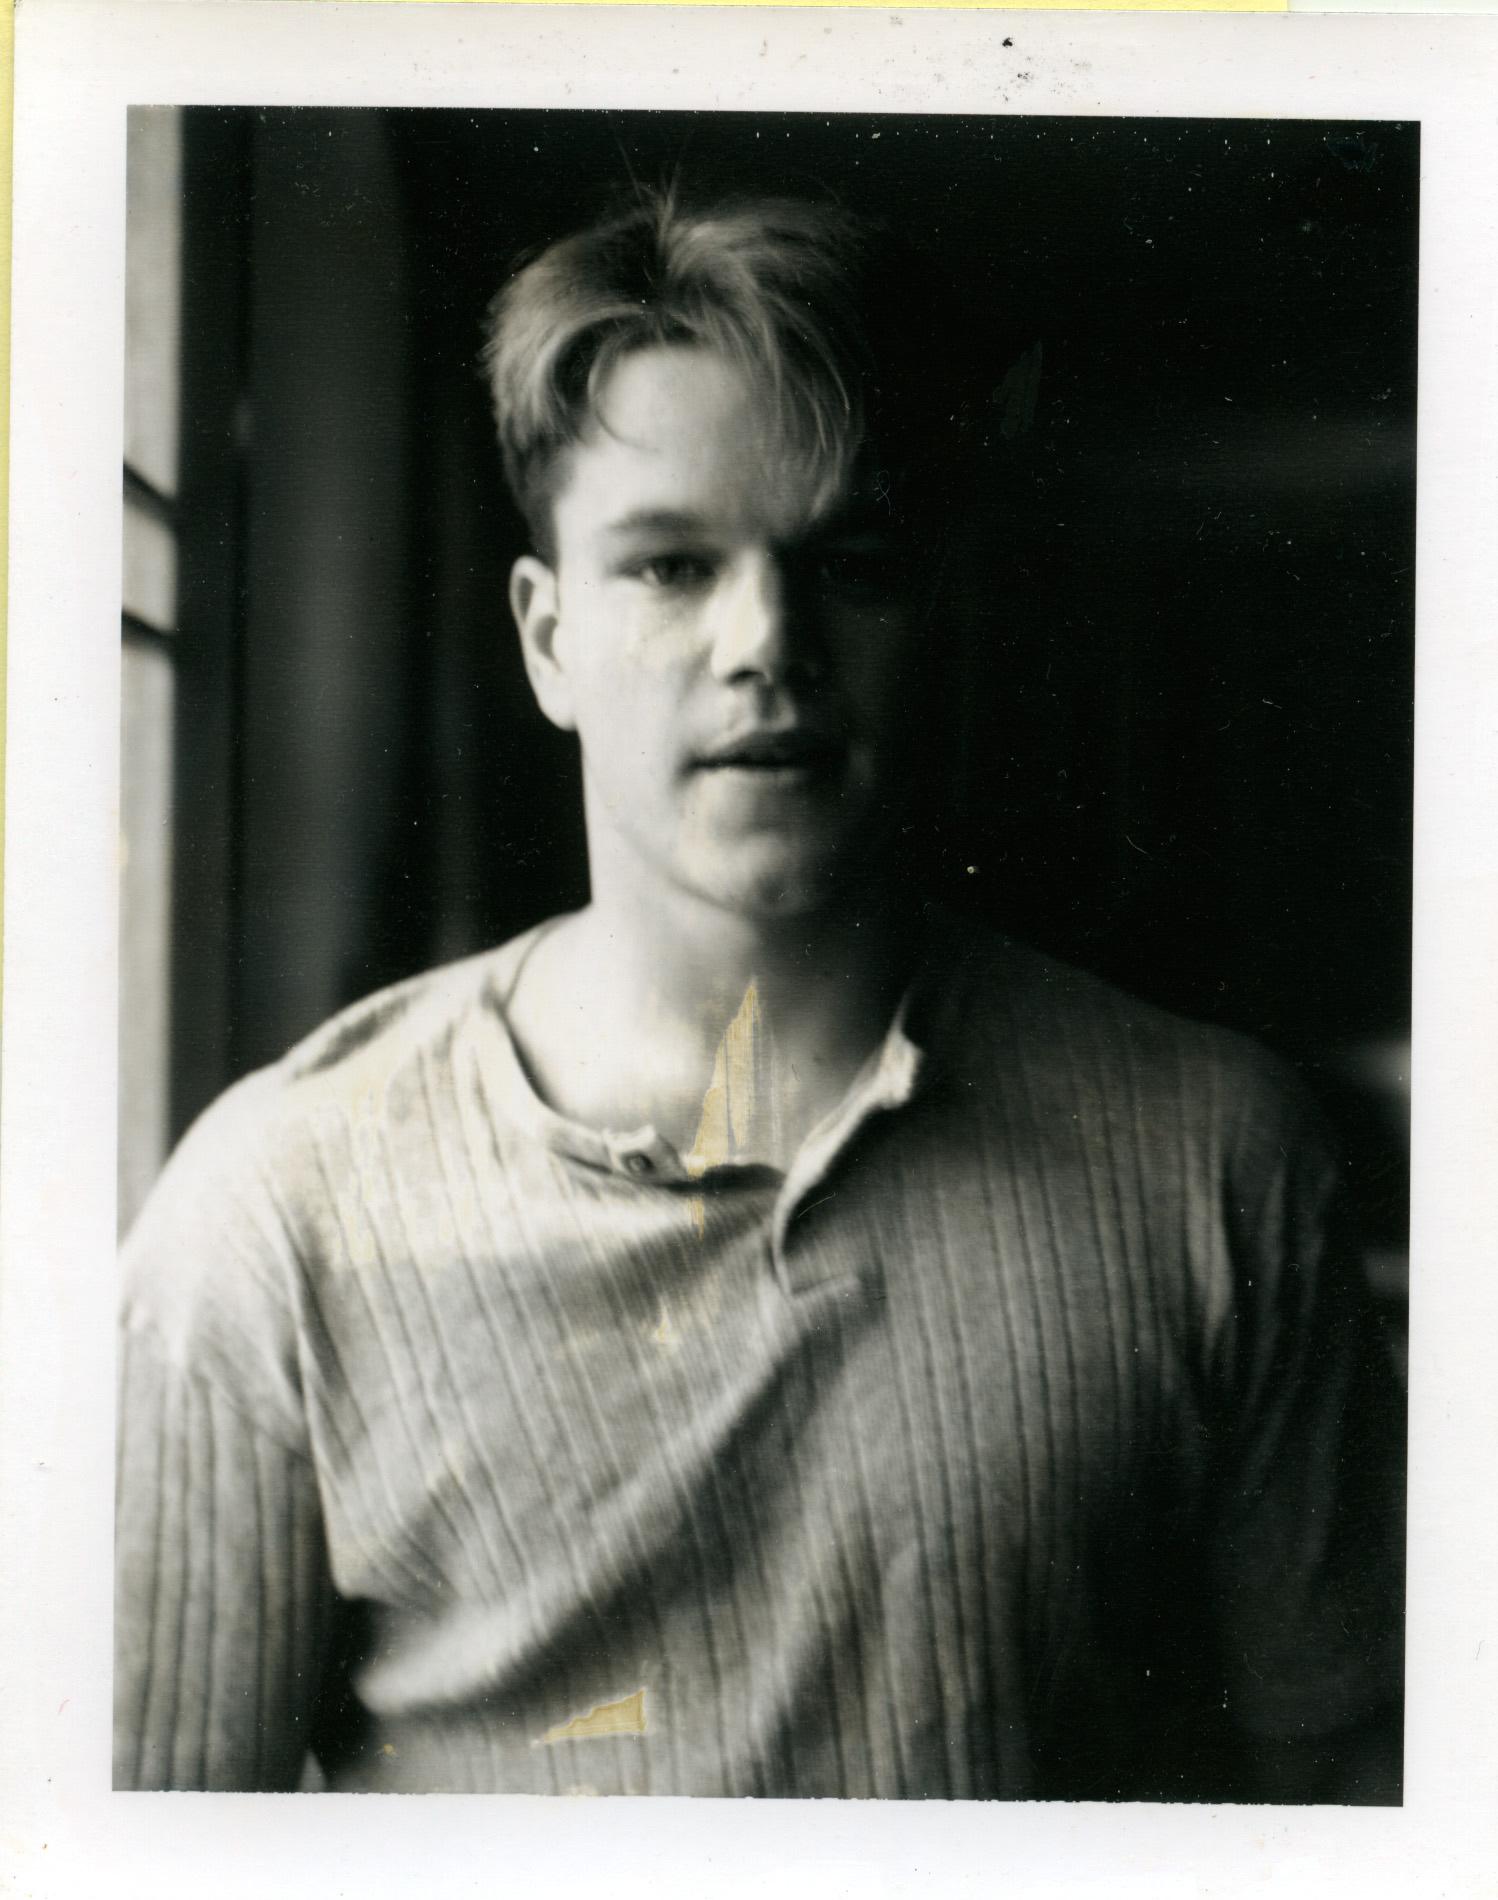 Метт Деймон, полароїдні знімки Ґаса Ван Сента, 1983-1999 © Gus Van Sant.